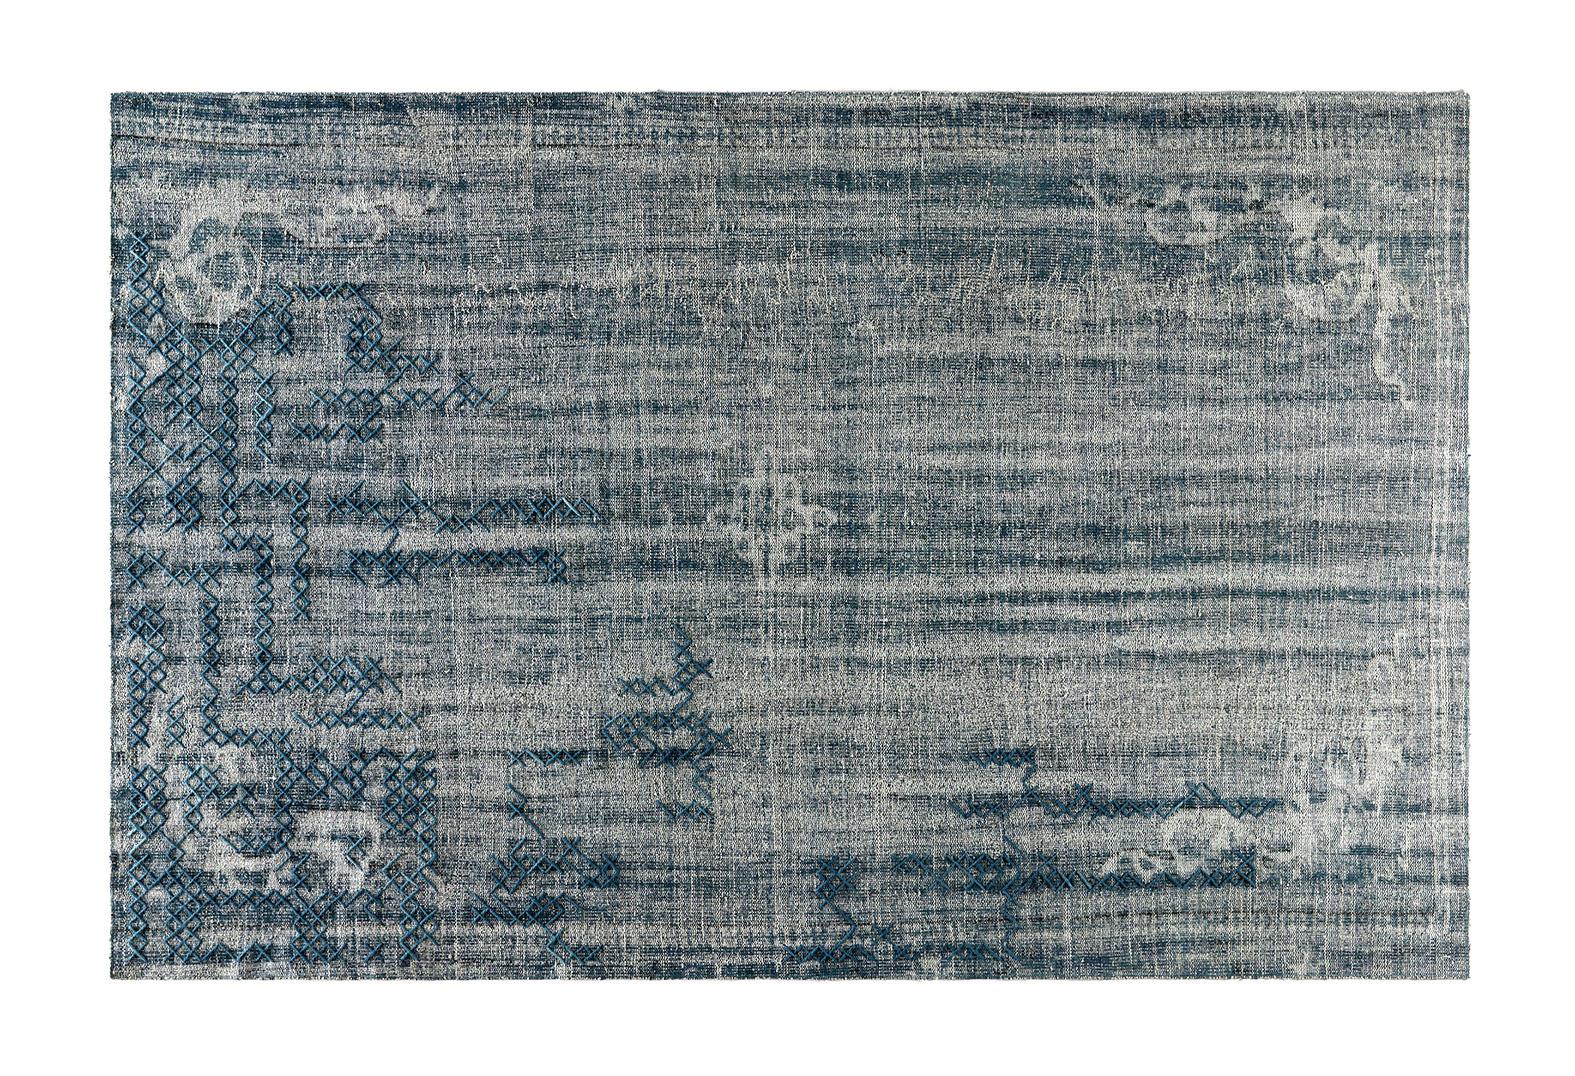 alfombra parentesi quadra valencia - Alfombras De Diseo